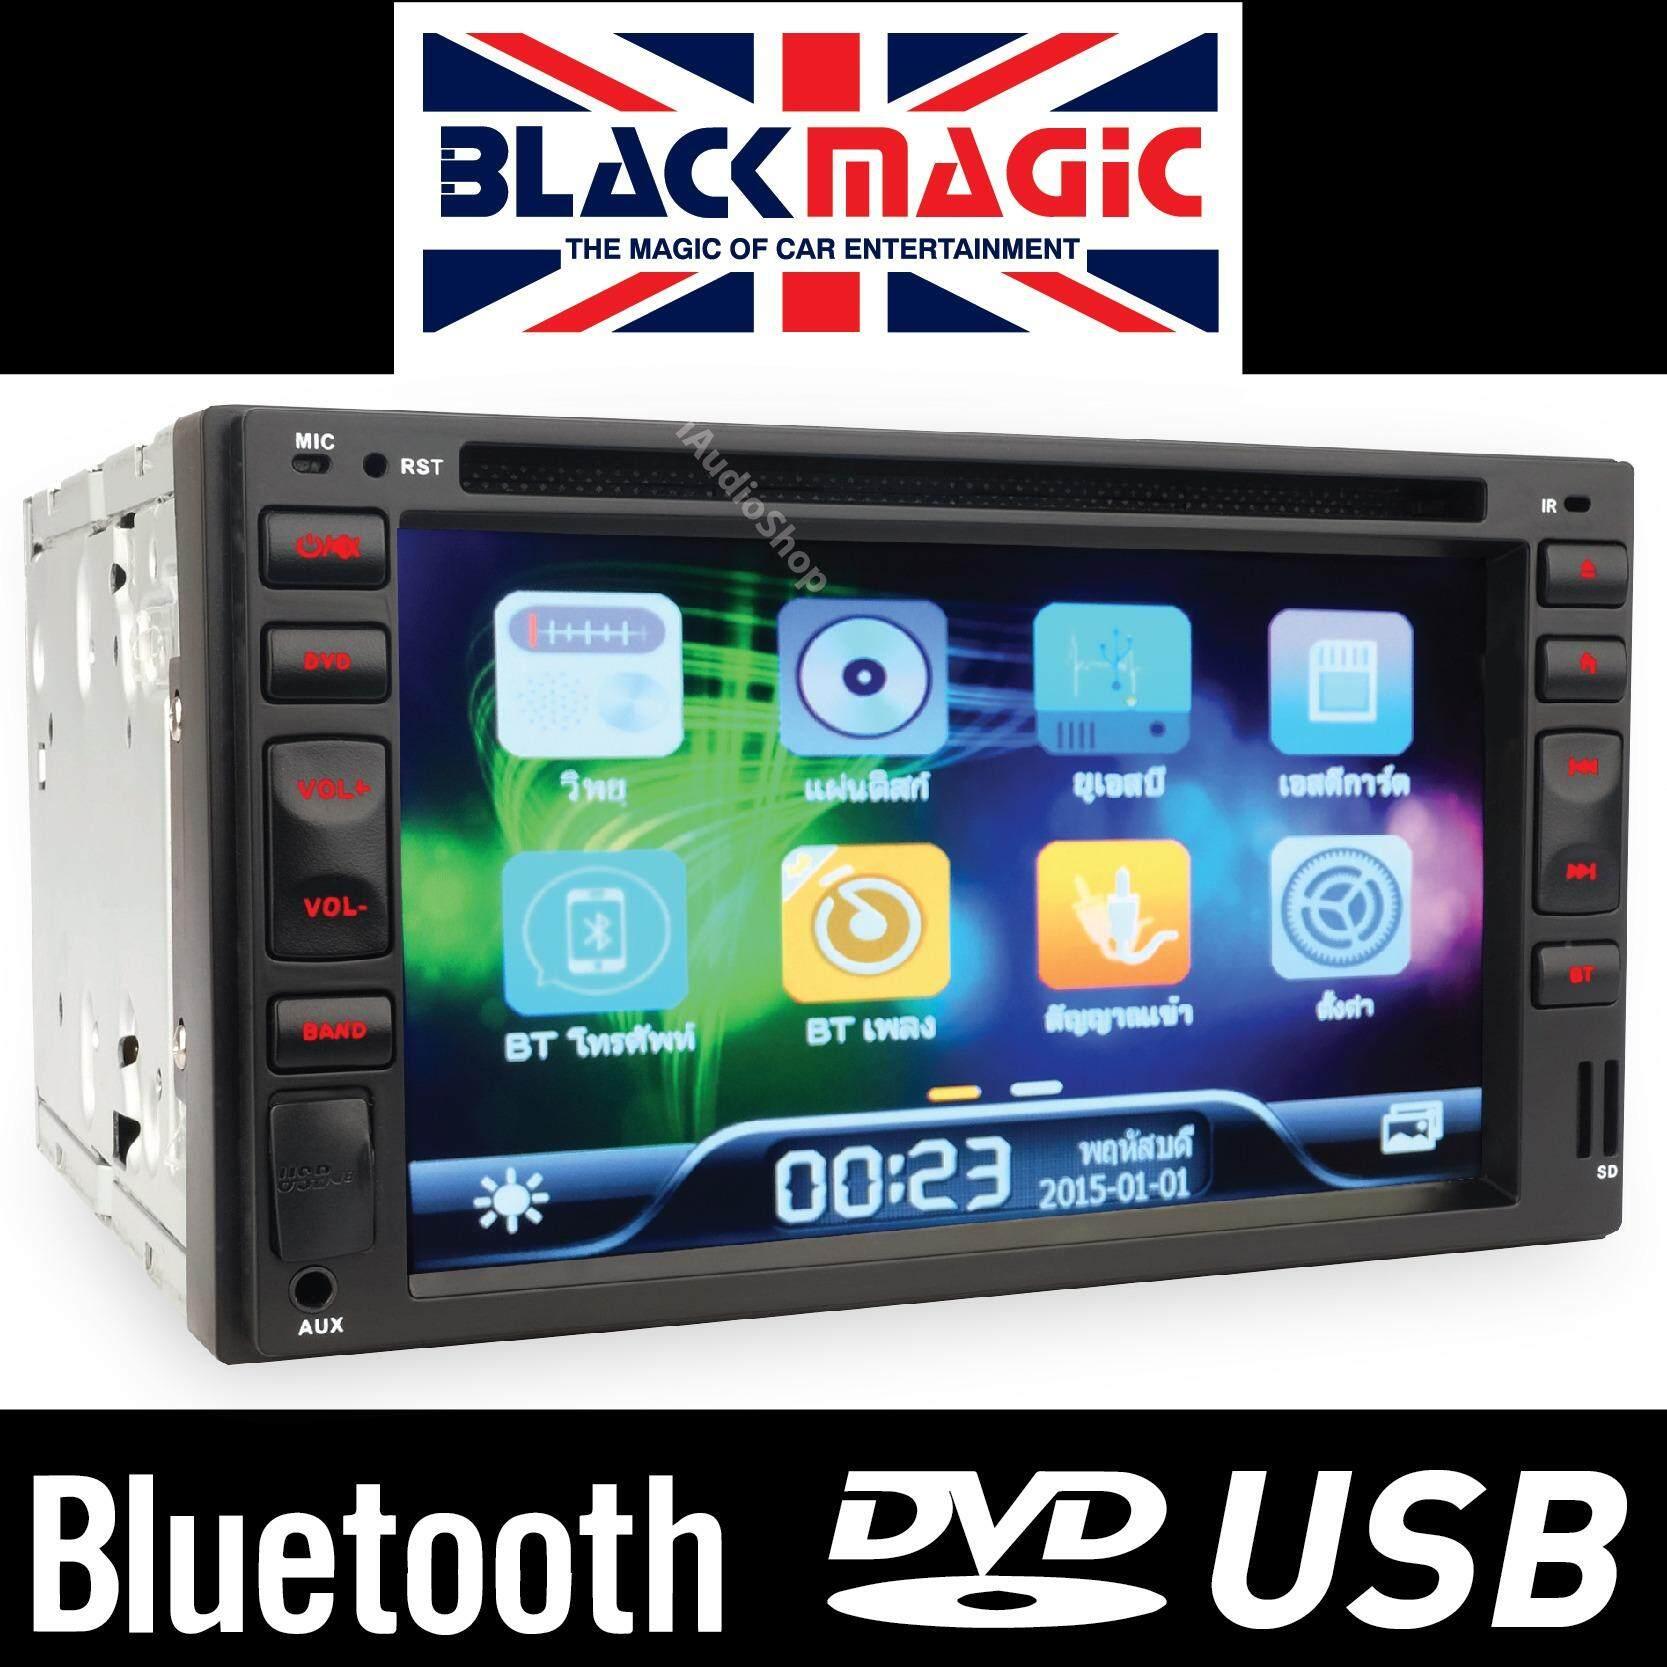 ราคา Black Magic วิทยุติดรถยนต์ จอติดรถยนต์ จอ2ดิน จอ2Din เครื่องเล่นติดรถยนต์ เครื่องเสียงรถยนต์ ตัวรับสัญญาณแบบสเตอริโอ แบบ 2Din ขนาด6 5นิ้ว แถมฟรี ผ้าไมโครไฟเบอร์อย่างดี 1 ผืน Black Magic เป็นต้นฉบับ